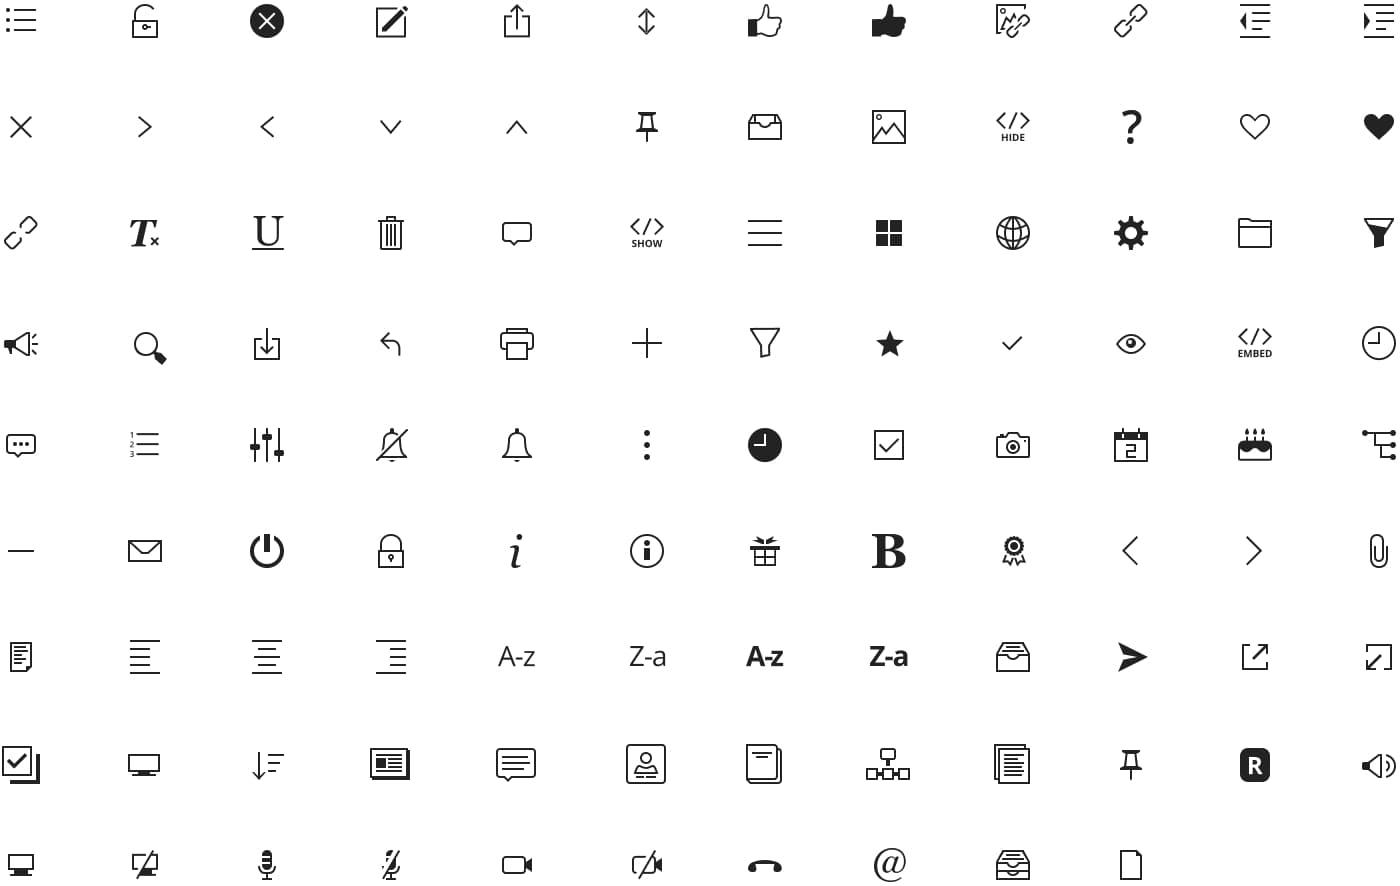 Jostle icons